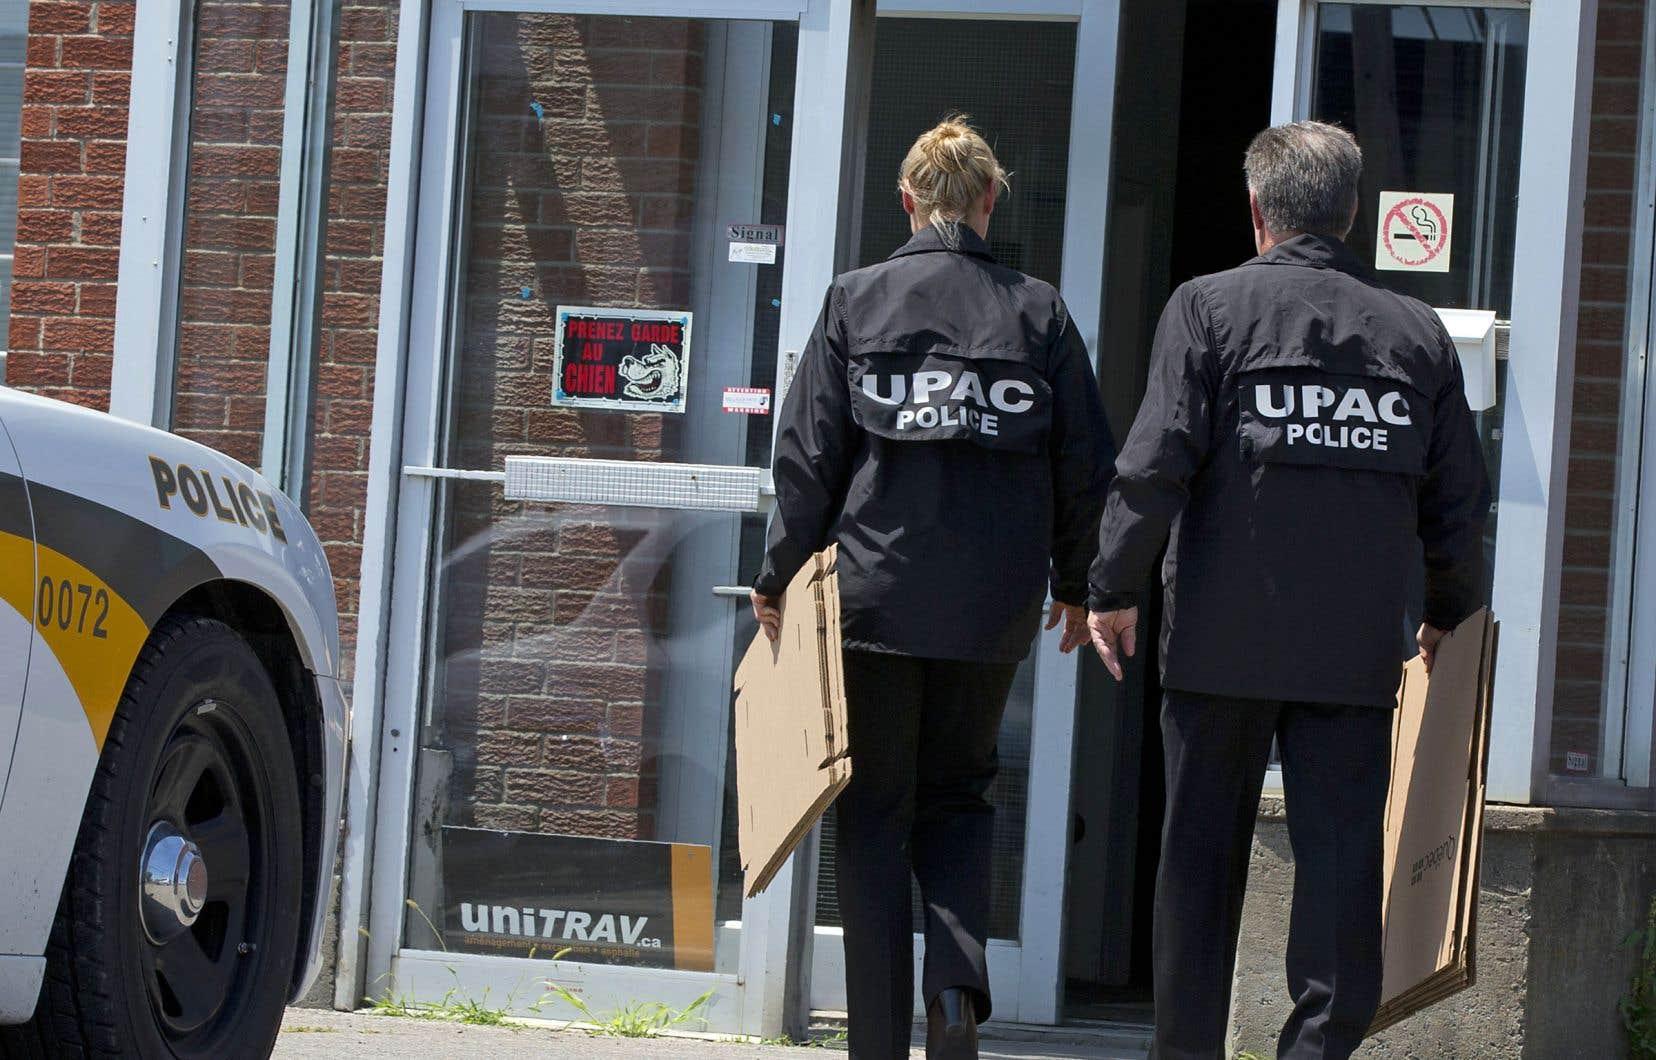 Selon l'UPAC, la preuve recueillie tend à démontrer qu'entre 2000 et 2014, des fonctionnaires ont reçu des sommes d'argent afin de favoriser une entreprise lors d'octrois de contrats informatiques au ministère.